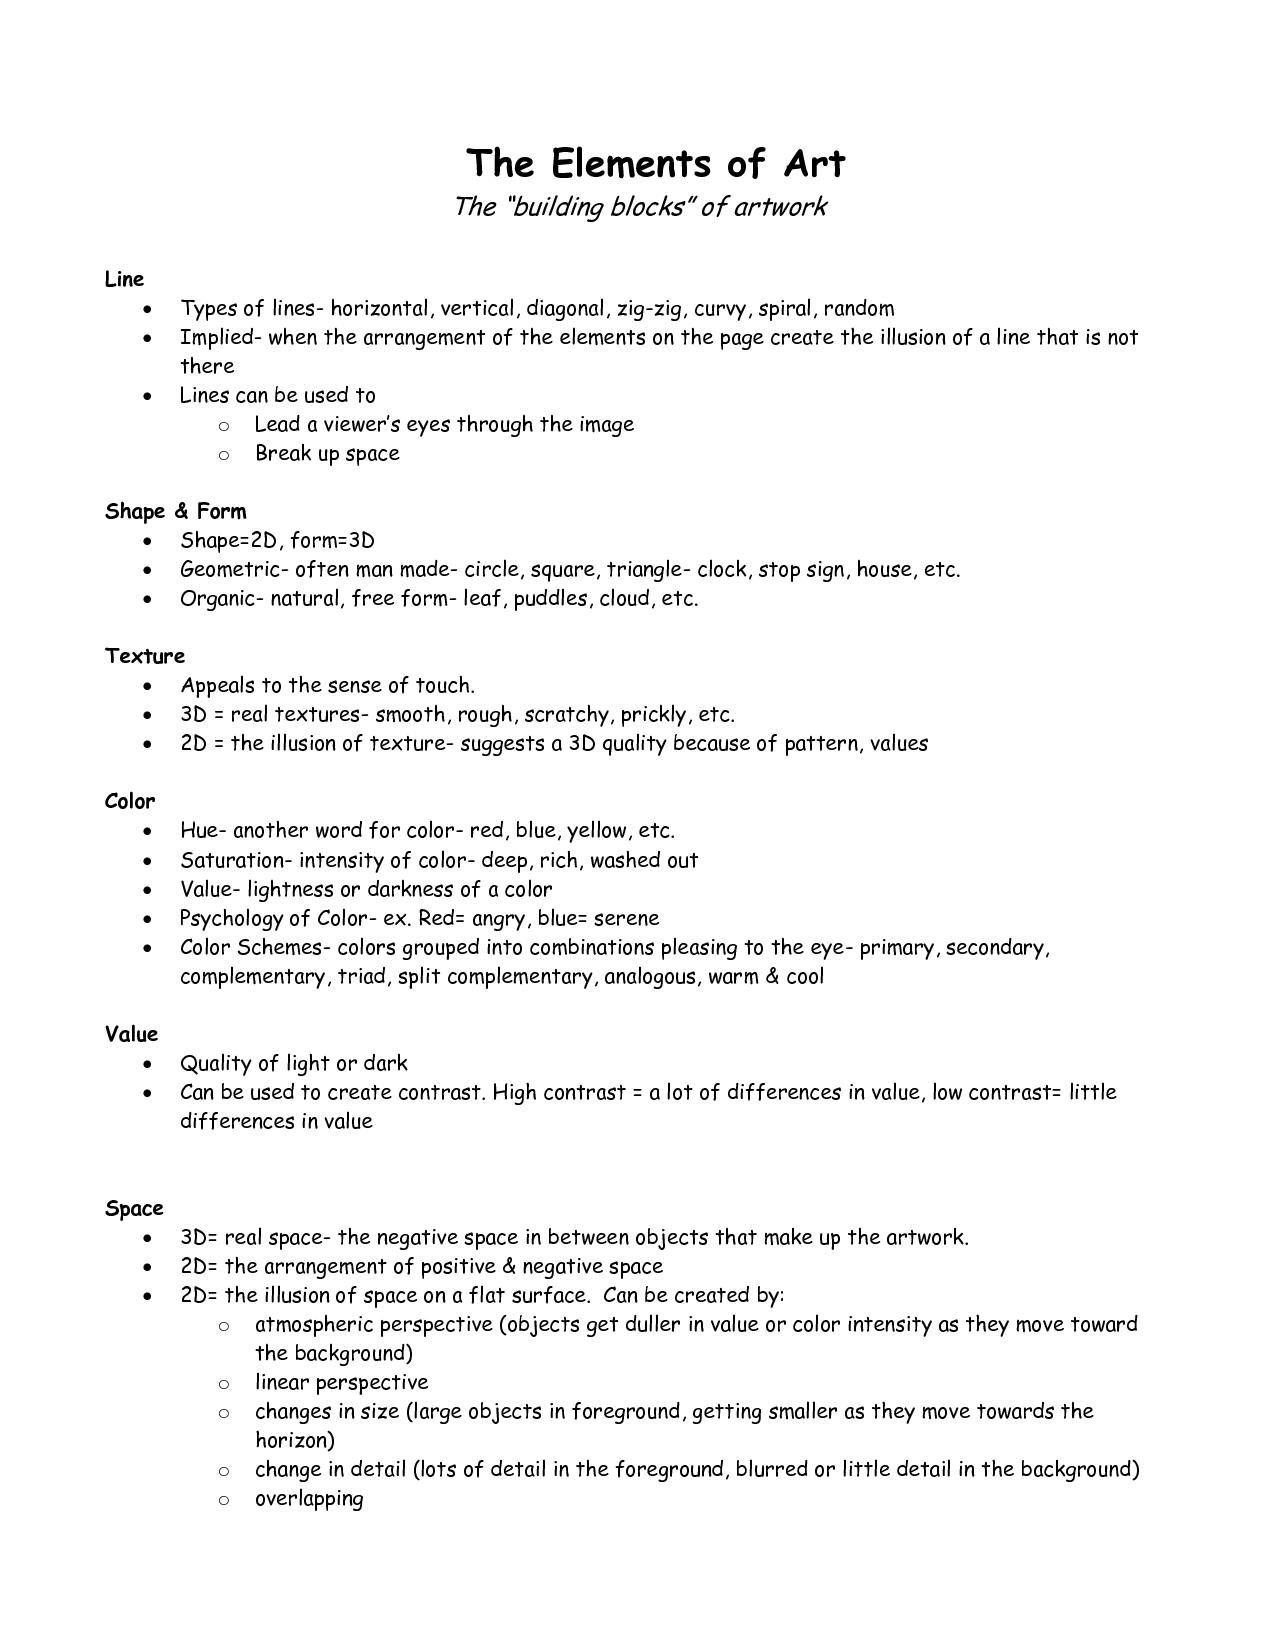 worksheet Elements Of Art Worksheet High School elements of design notes the art principles design